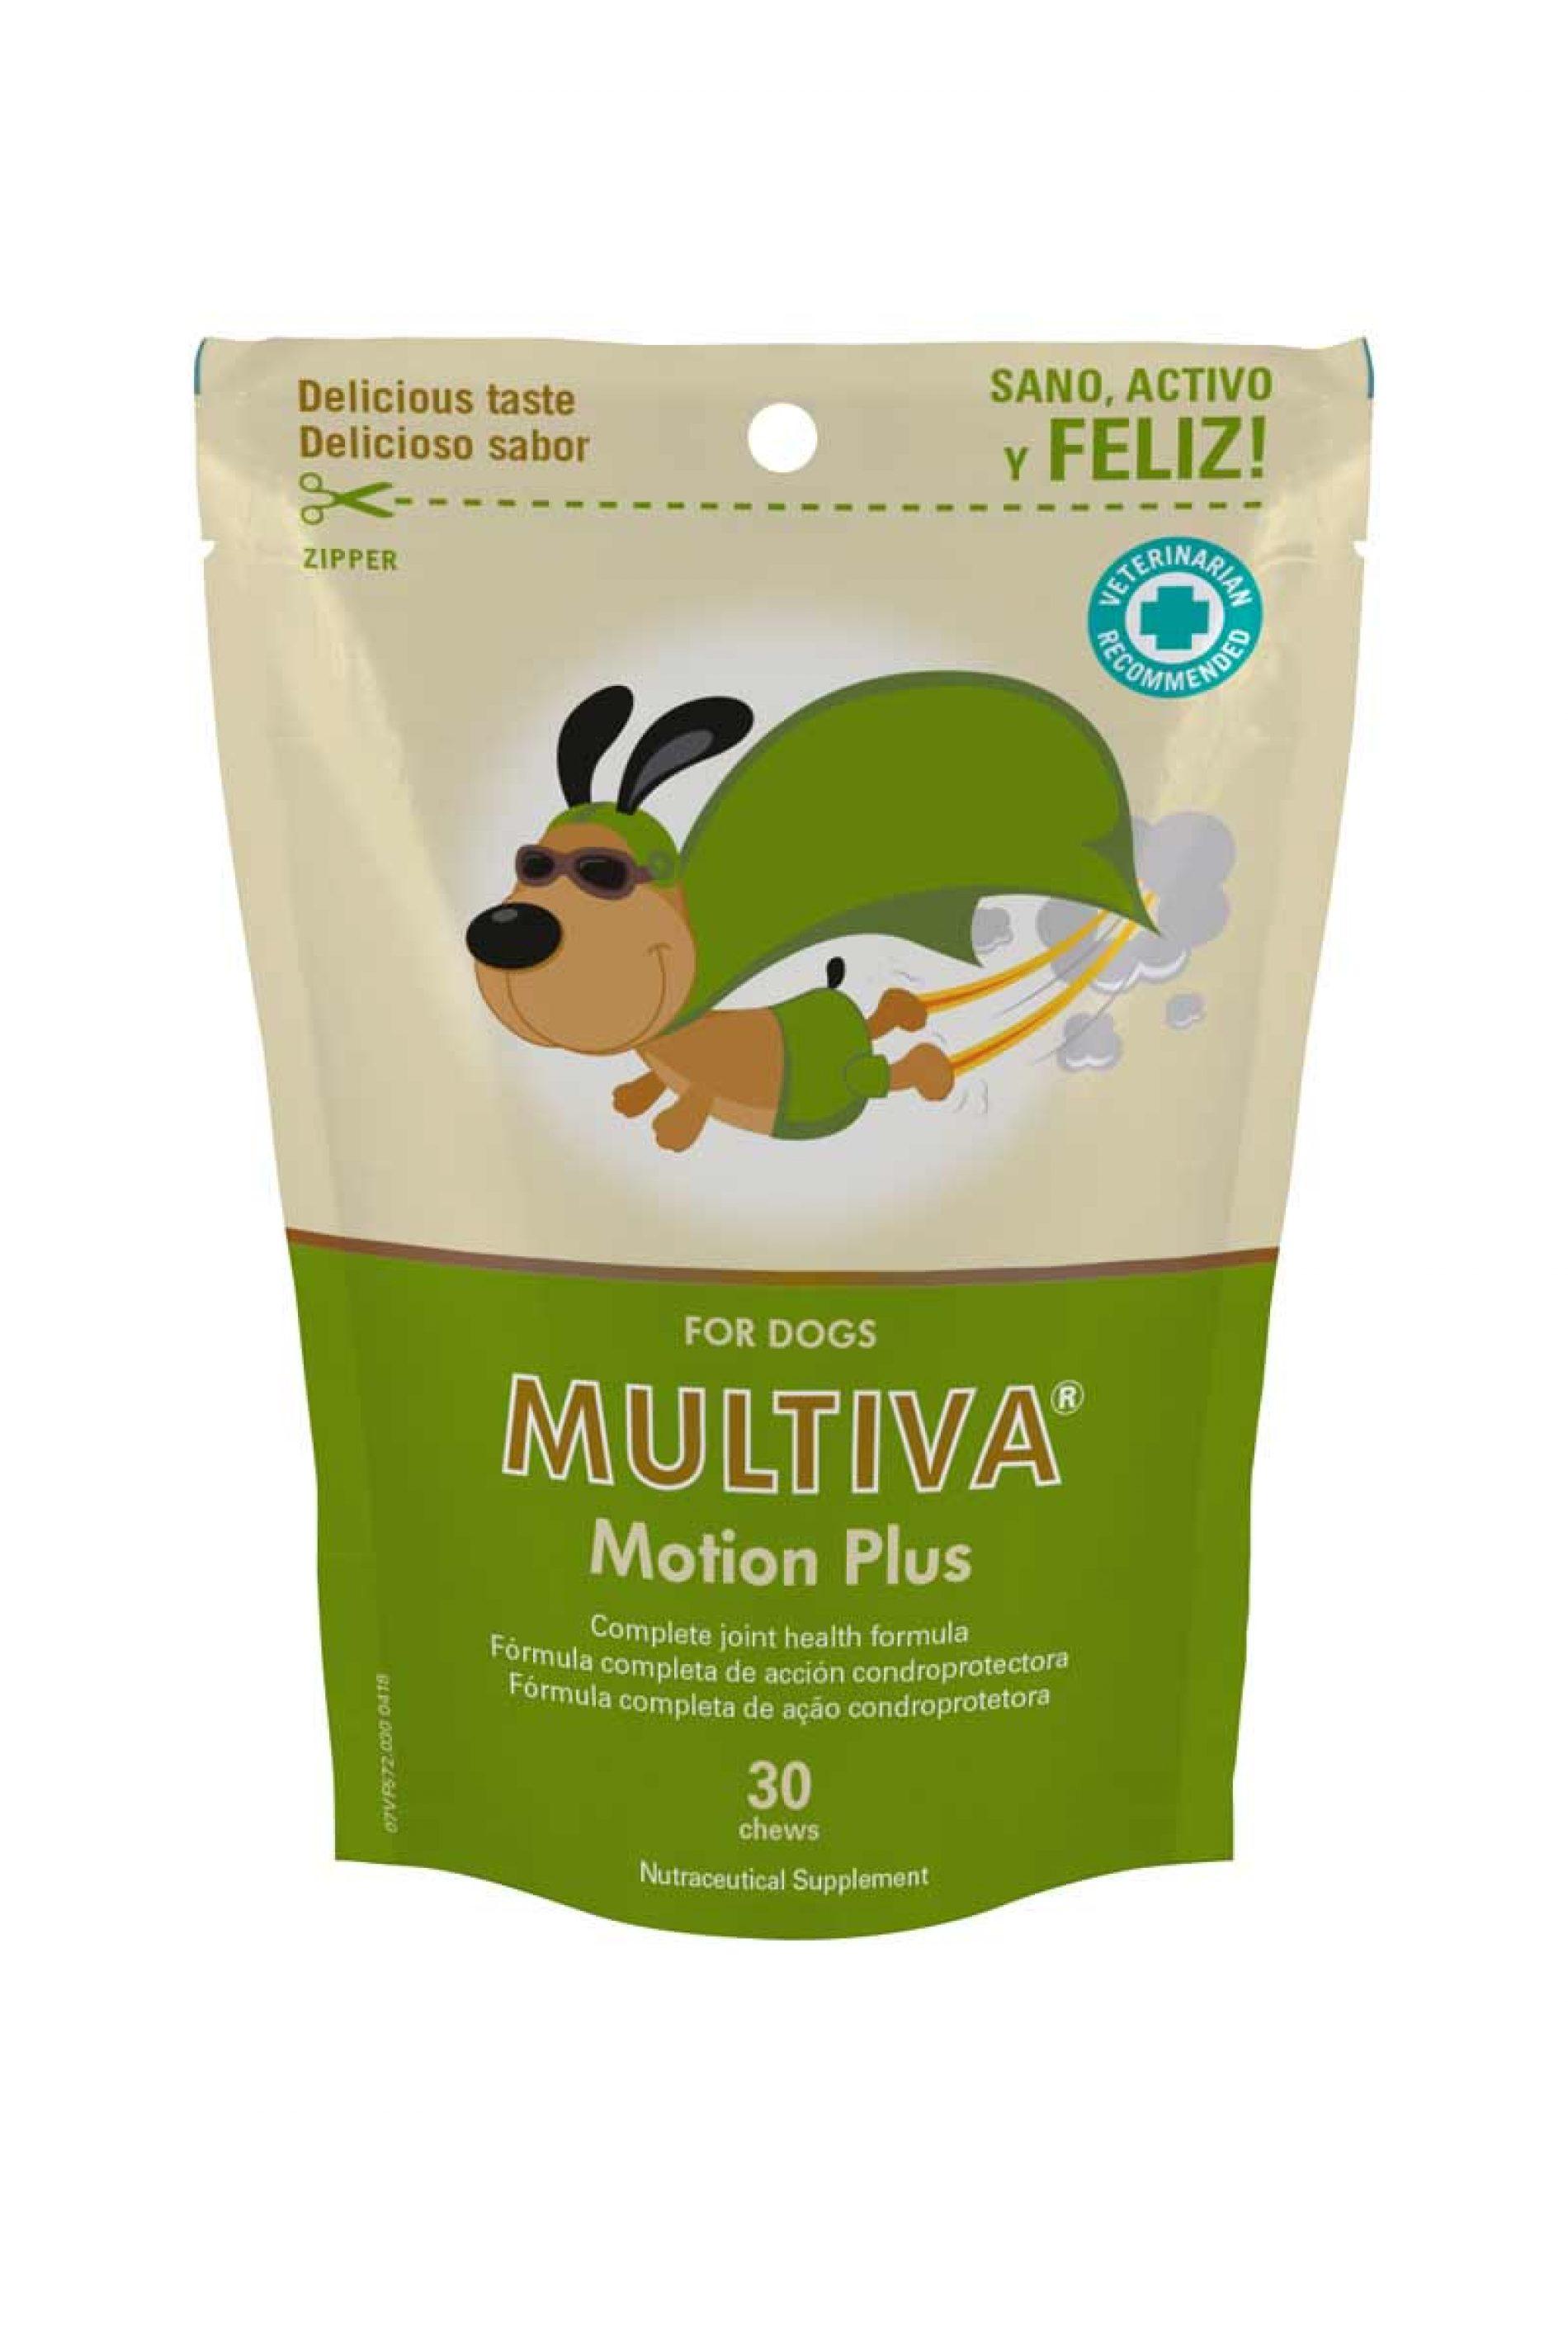 Nuevo MULTIVA® Motion Plus de VetNova, mejora la calidad de vida tu perro